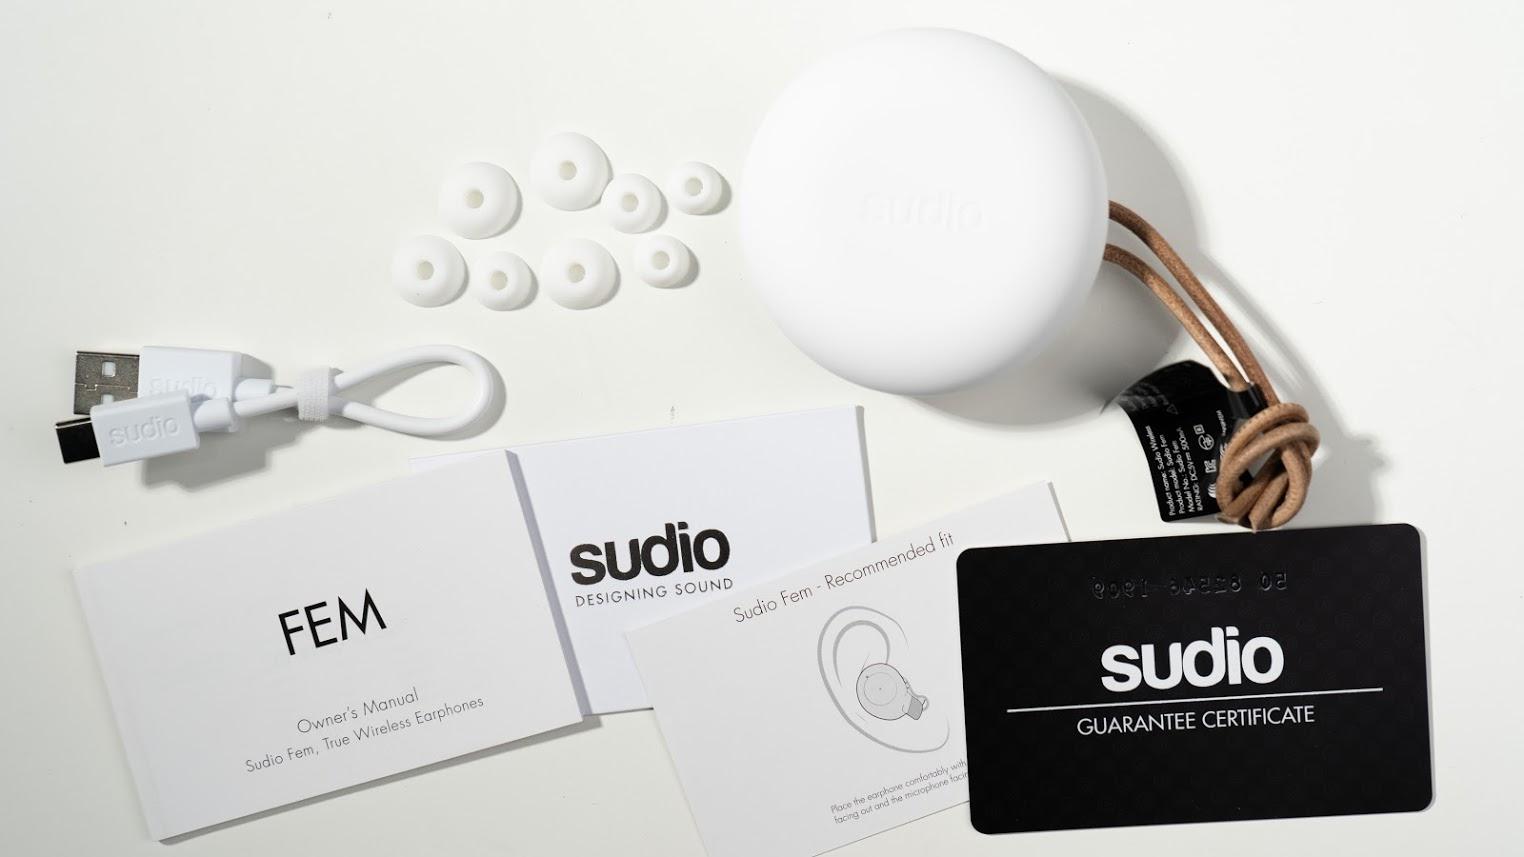 時尚、質感真無線藍牙耳機!瑞典 Sudio Fem 開箱